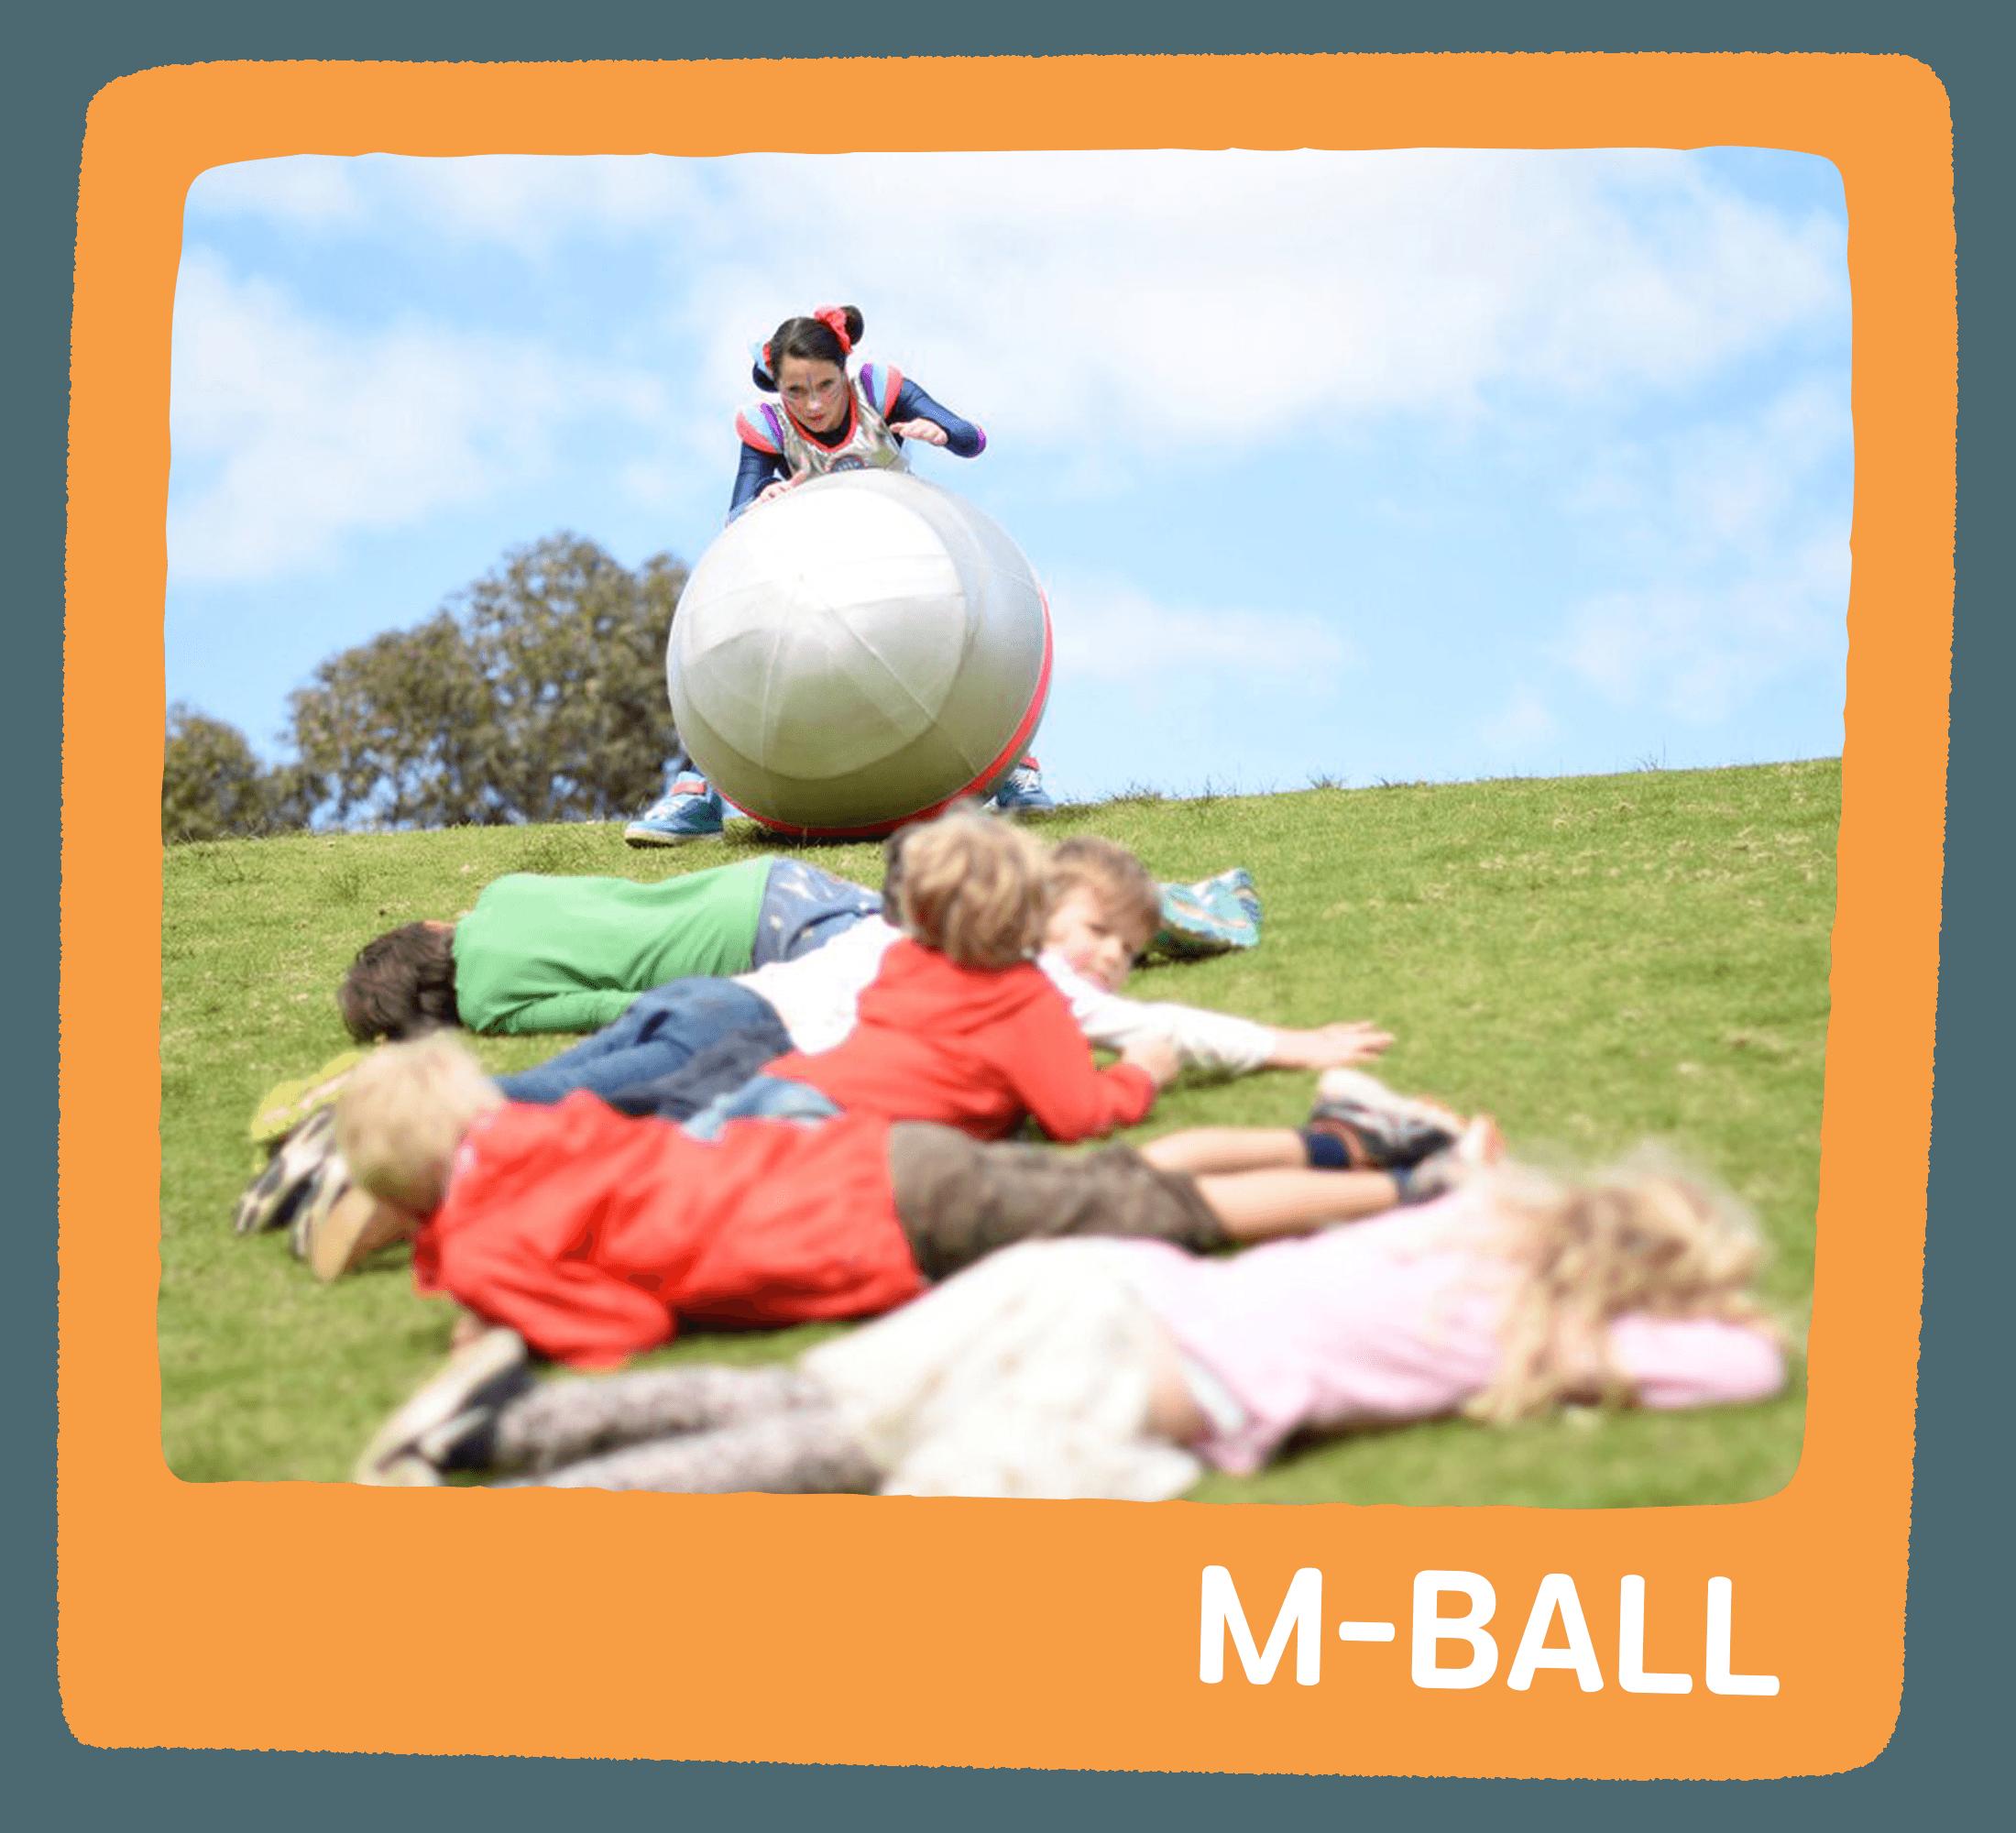 M-BALL